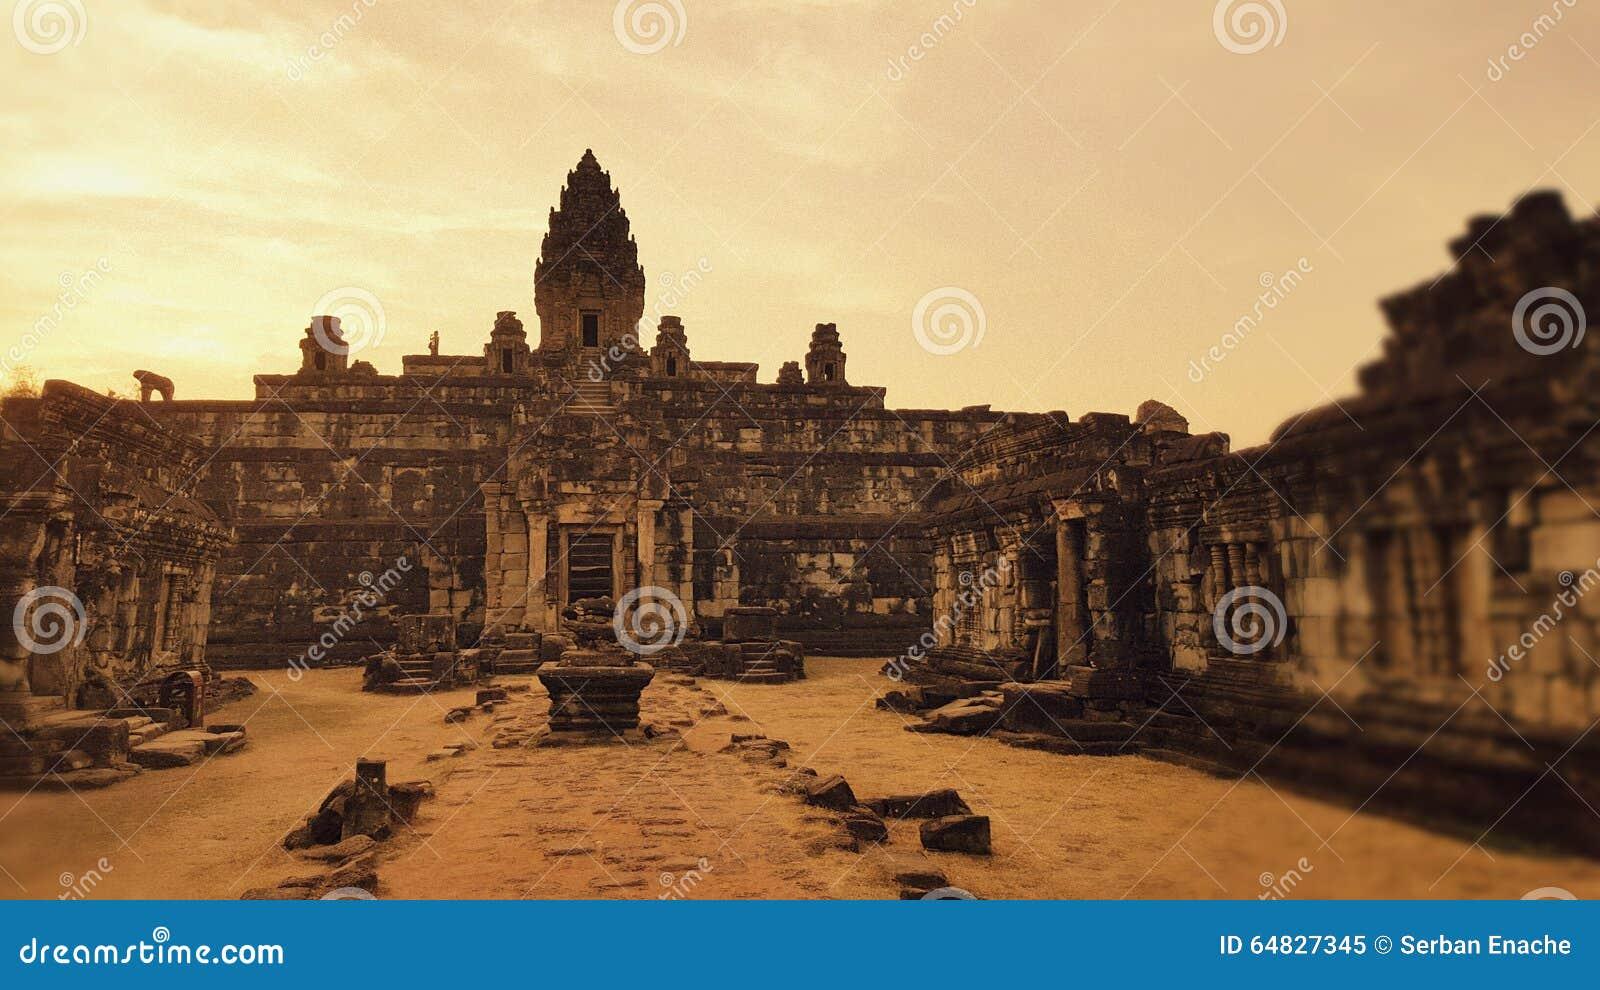 East facade, Angor Wat, Cambodia